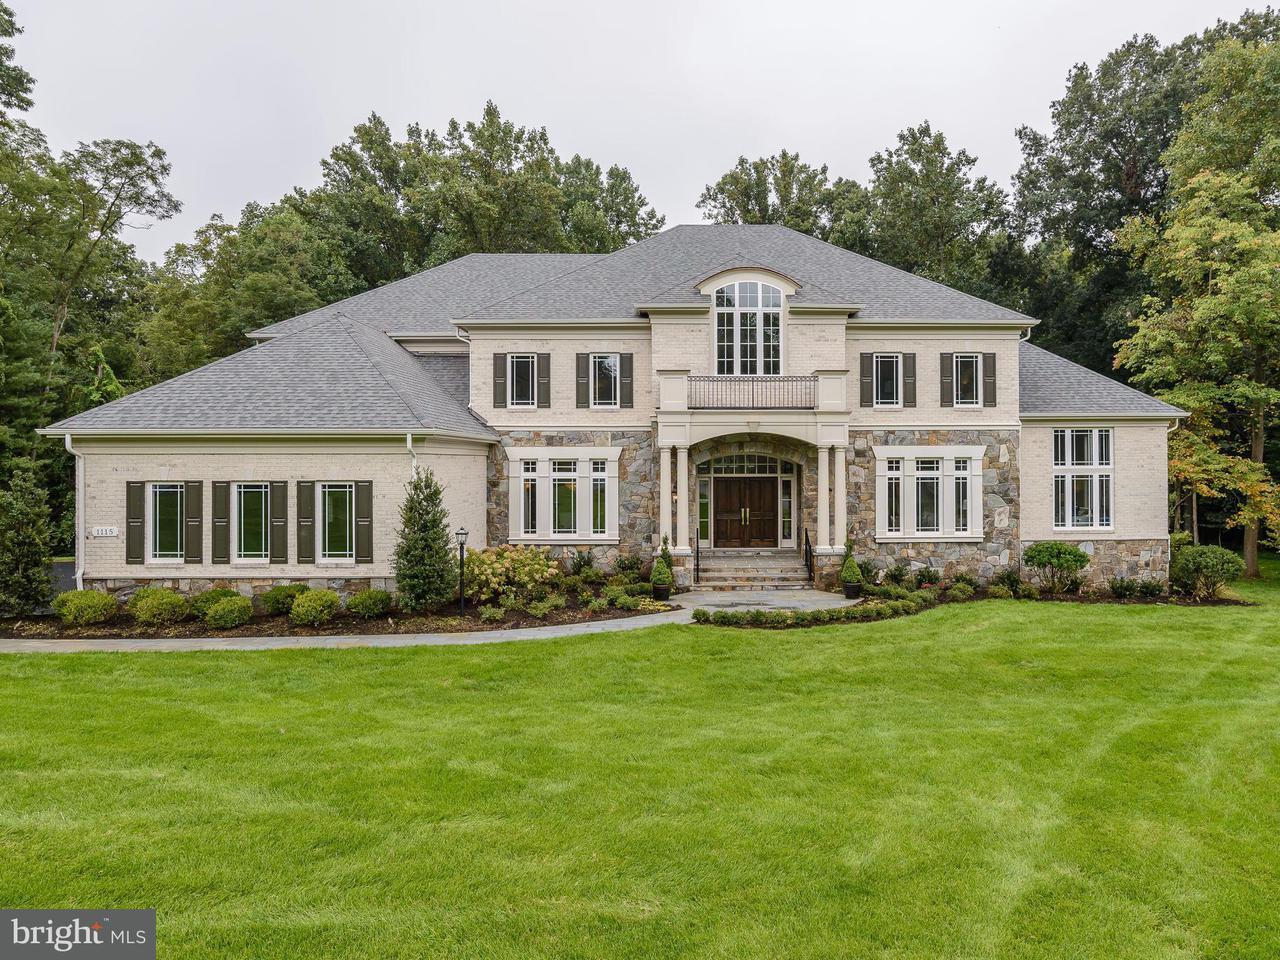 一戸建て のために 売買 アット HARLEY ROAD HOMESITE 4 HARLEY ROAD HOMESITE 4 Lorton, バージニア 22079 アメリカ合衆国